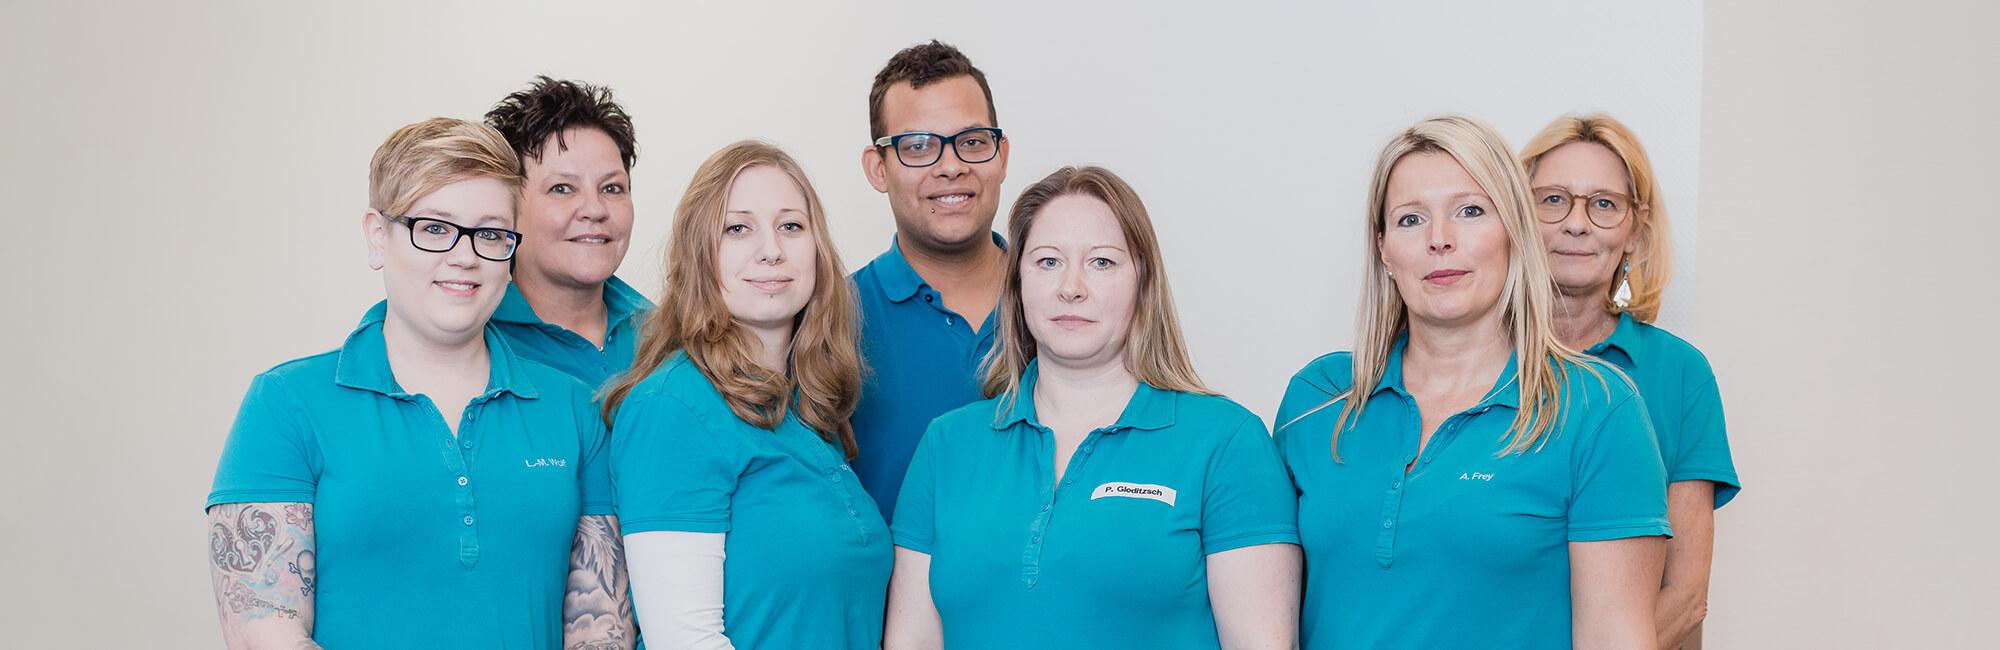 Internisten Groß-Gerau - Anschütz / Chenchanna - das Team unserer Praxis